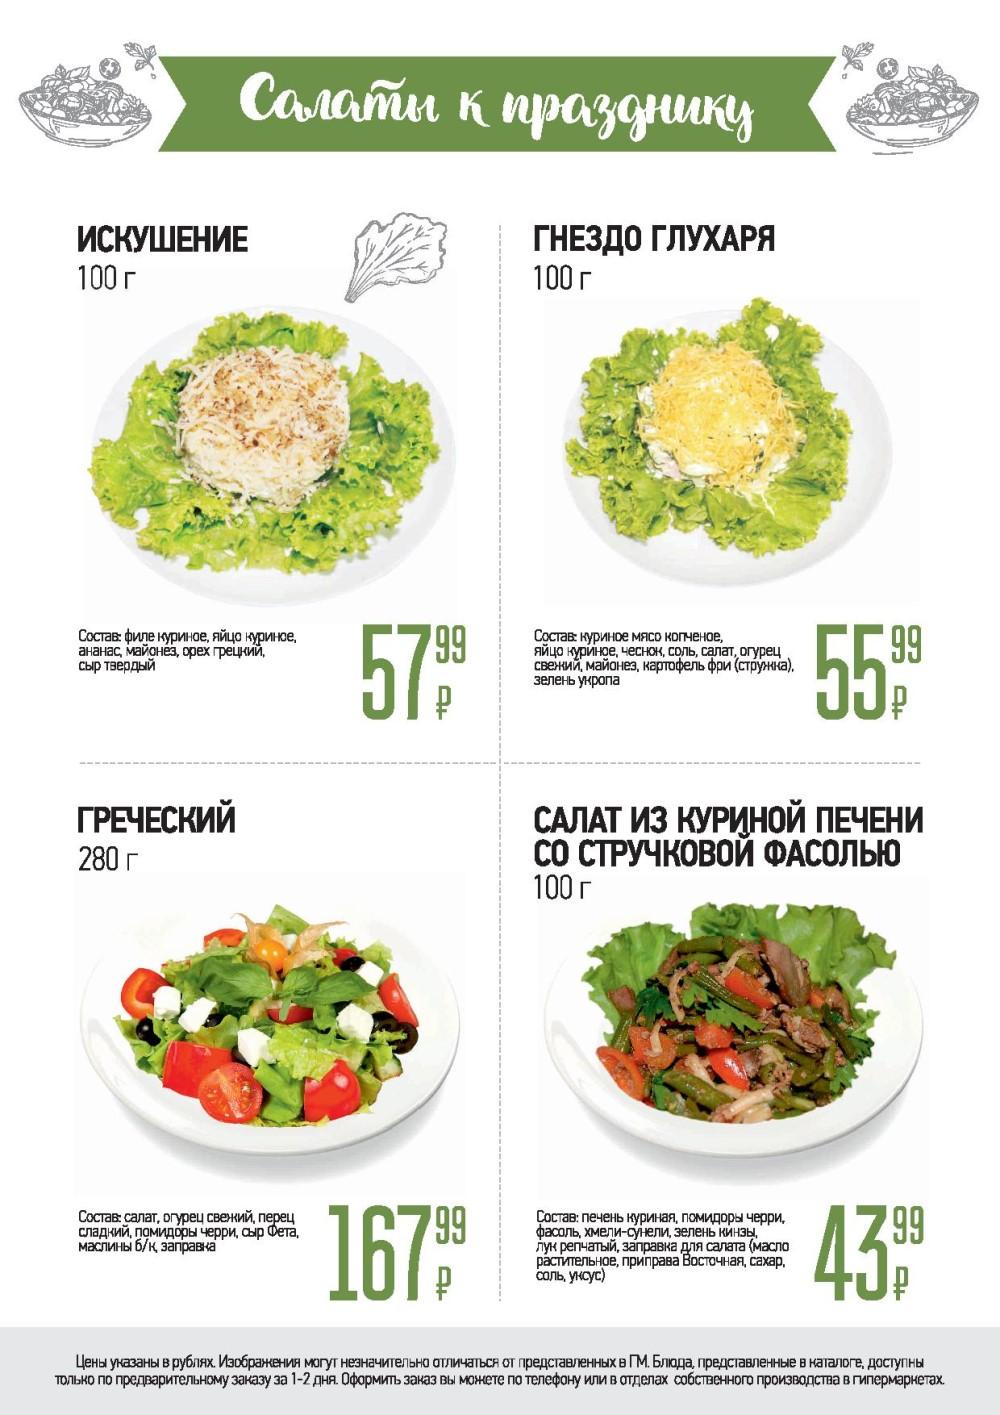 Специальные цены в Самбери г. Хабаровск